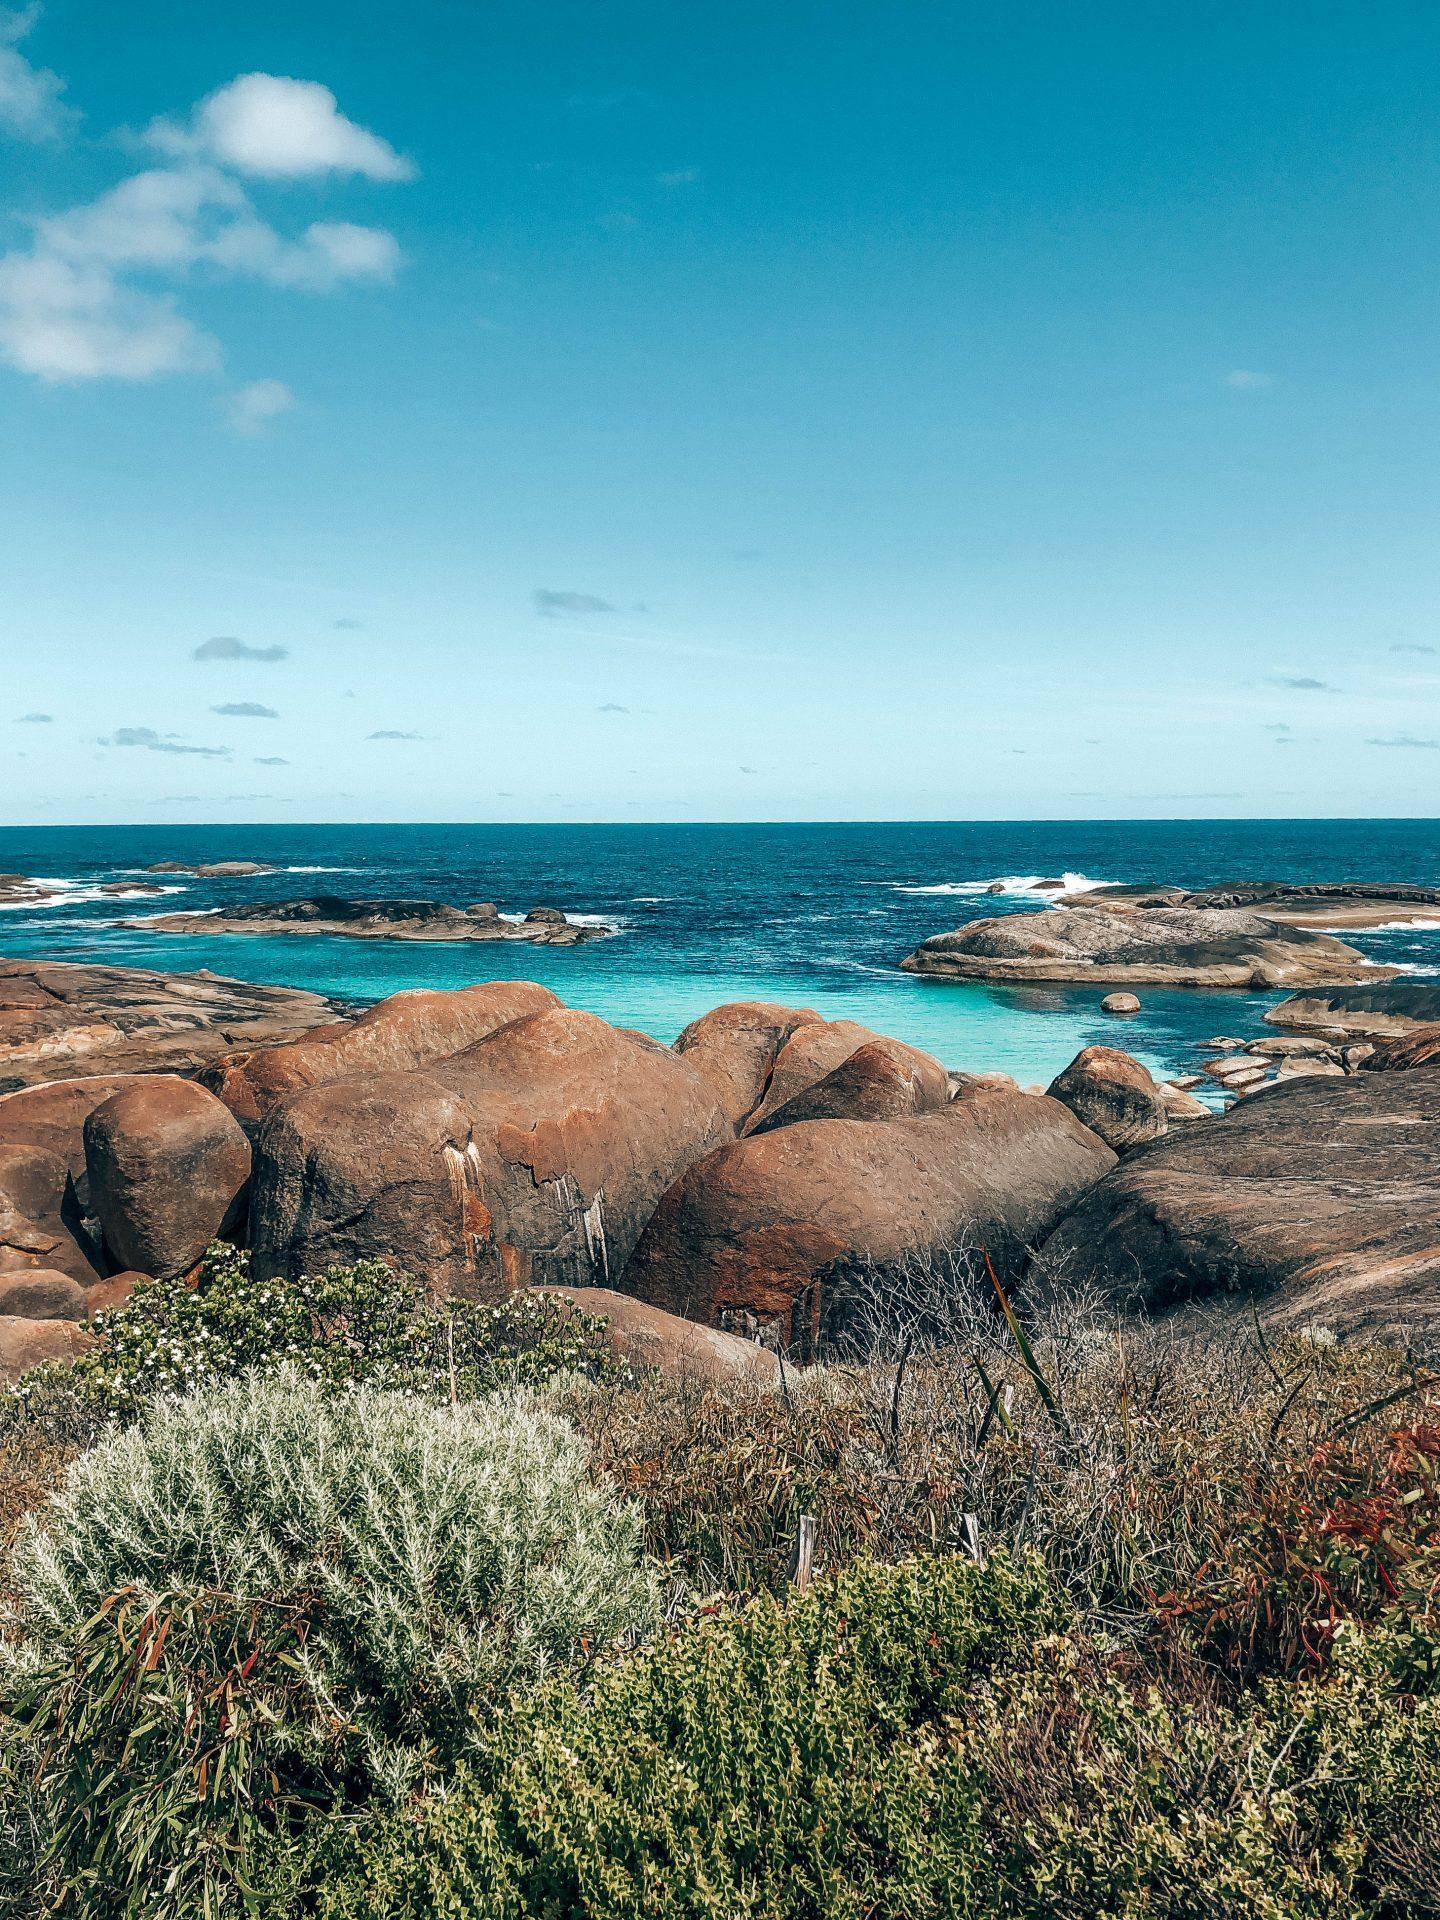 Visiter l'ouest de l'Australie - Blondie Baby blog mode et voyages